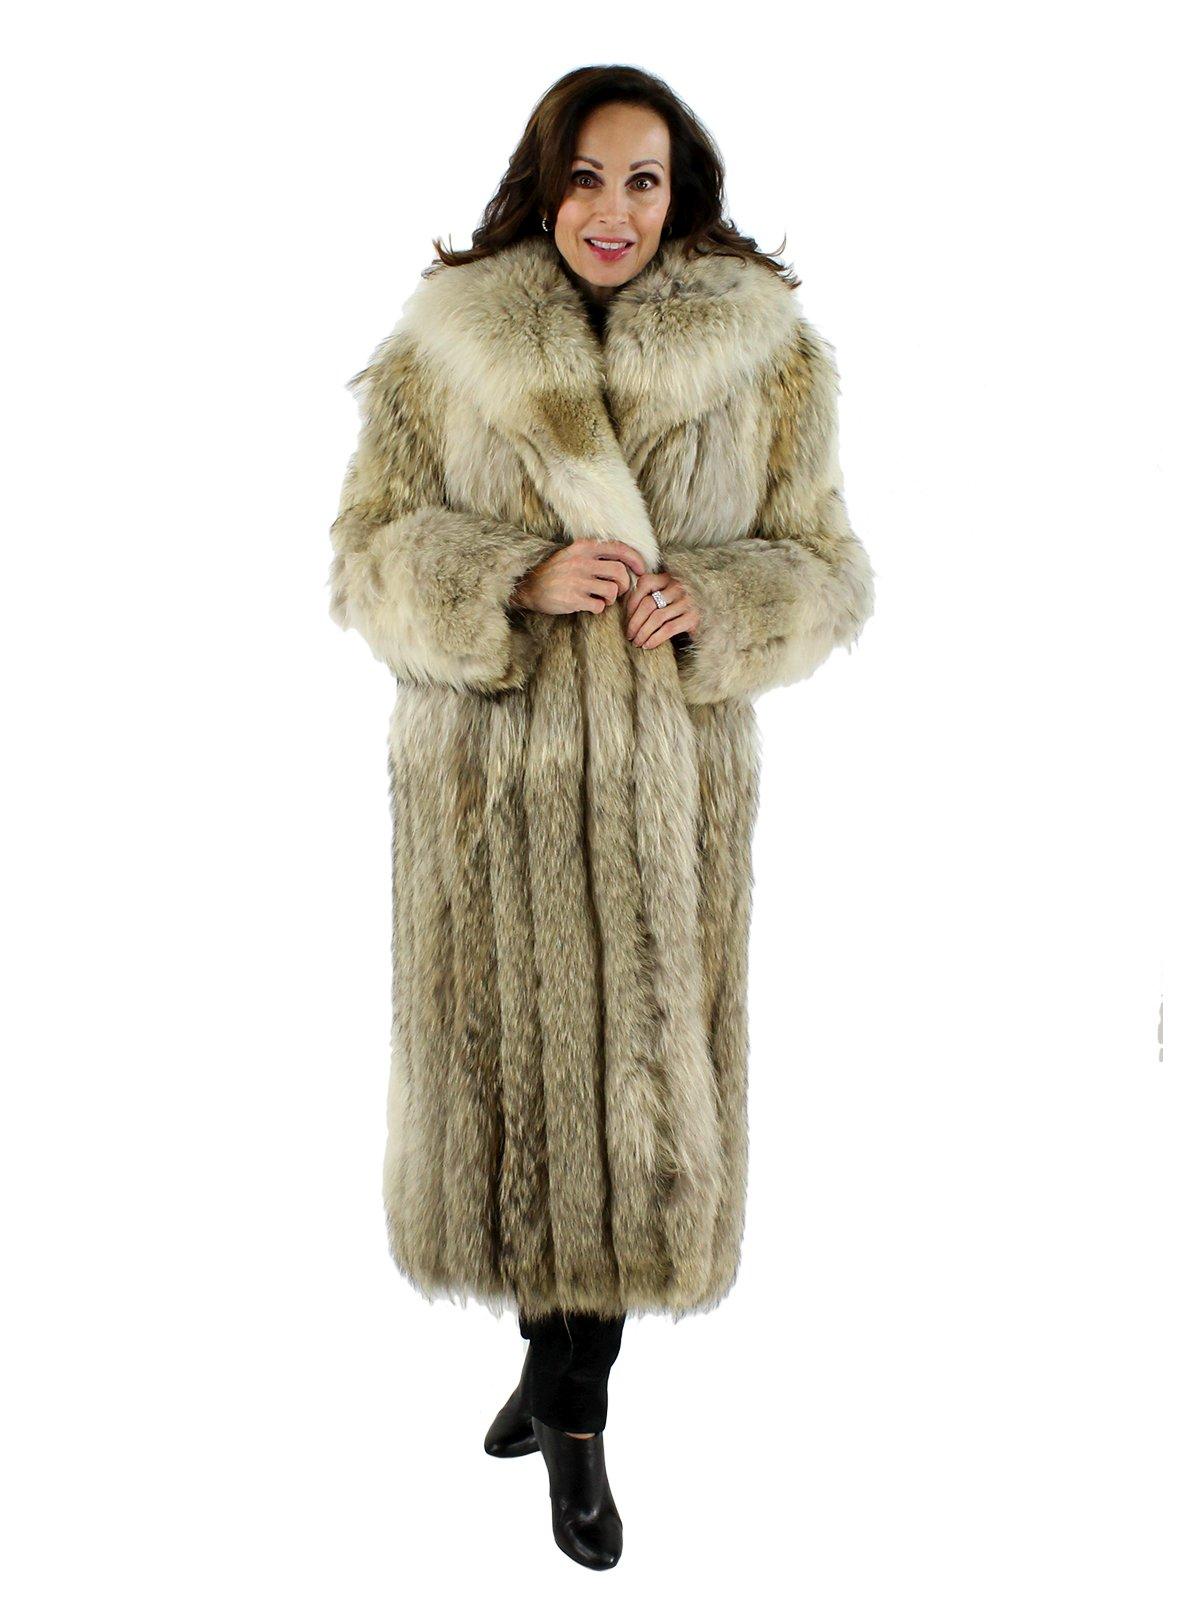 Coyote Fur Coat Womens Large Estate Furs >> Natural Coyote Fur Coat Women S Medium 42470 Estate Furs